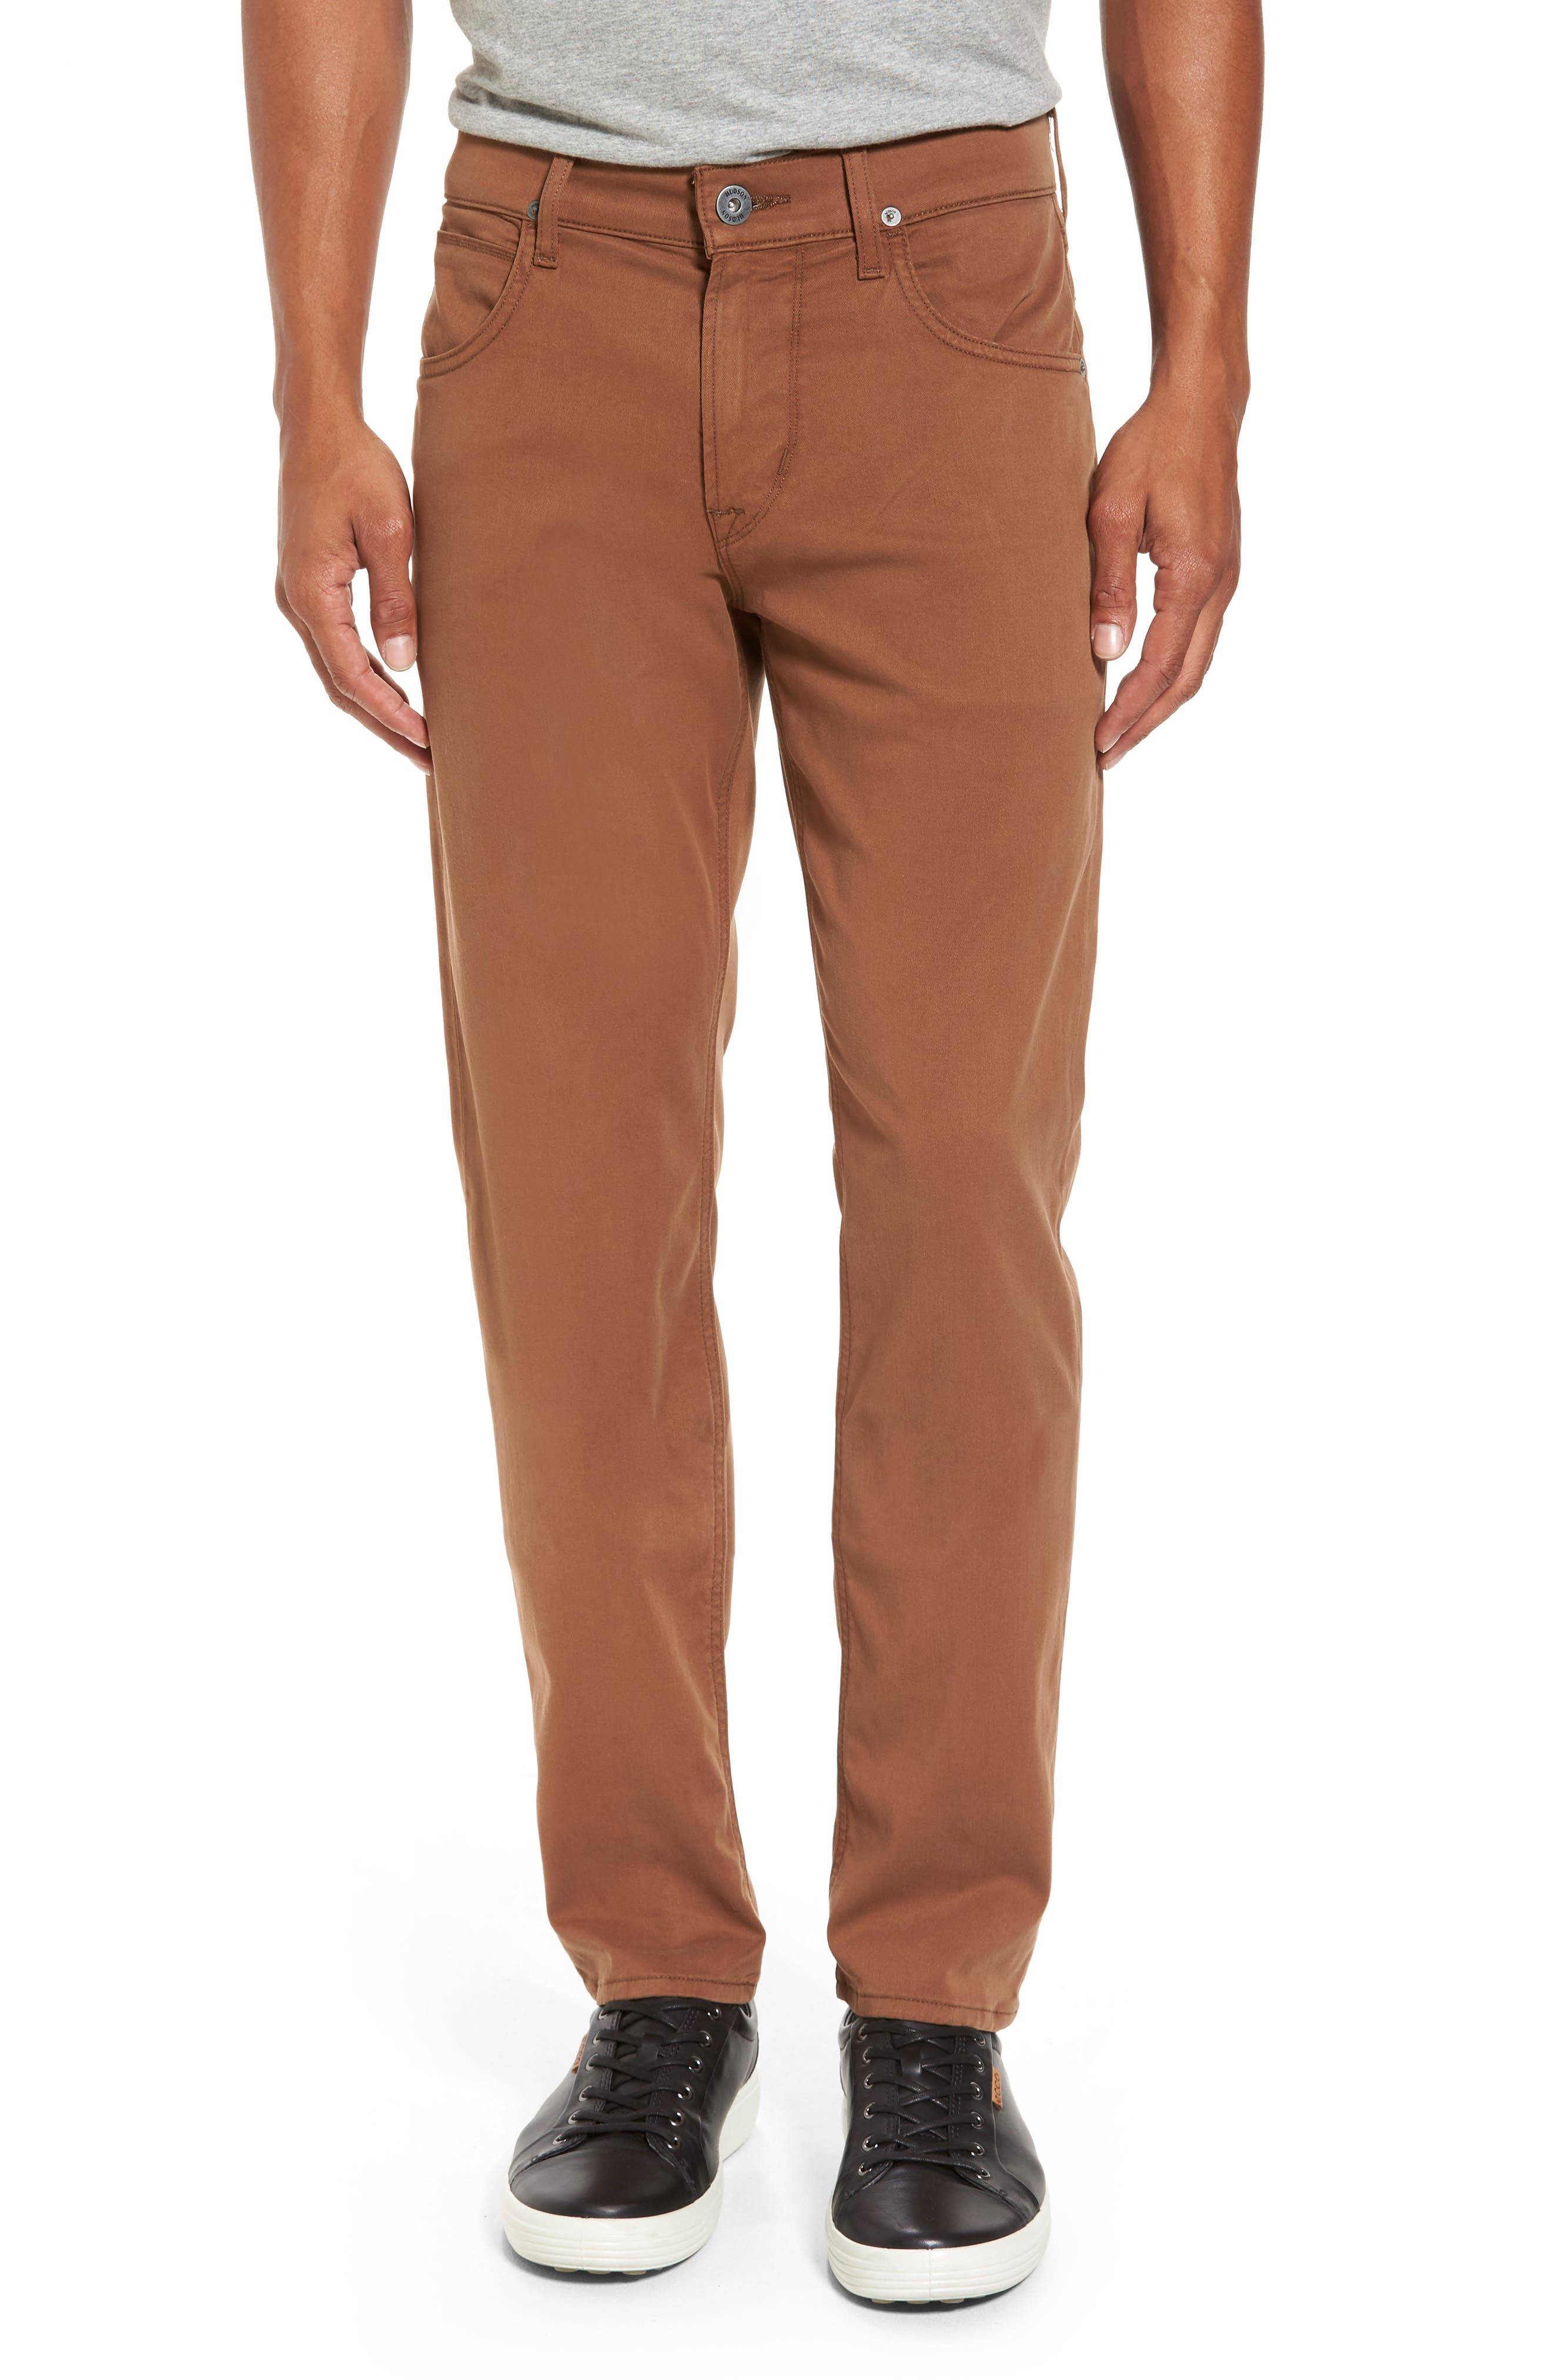 Main Image - Hudson Jeans Blake Slim Fit Jeans (Masonite)